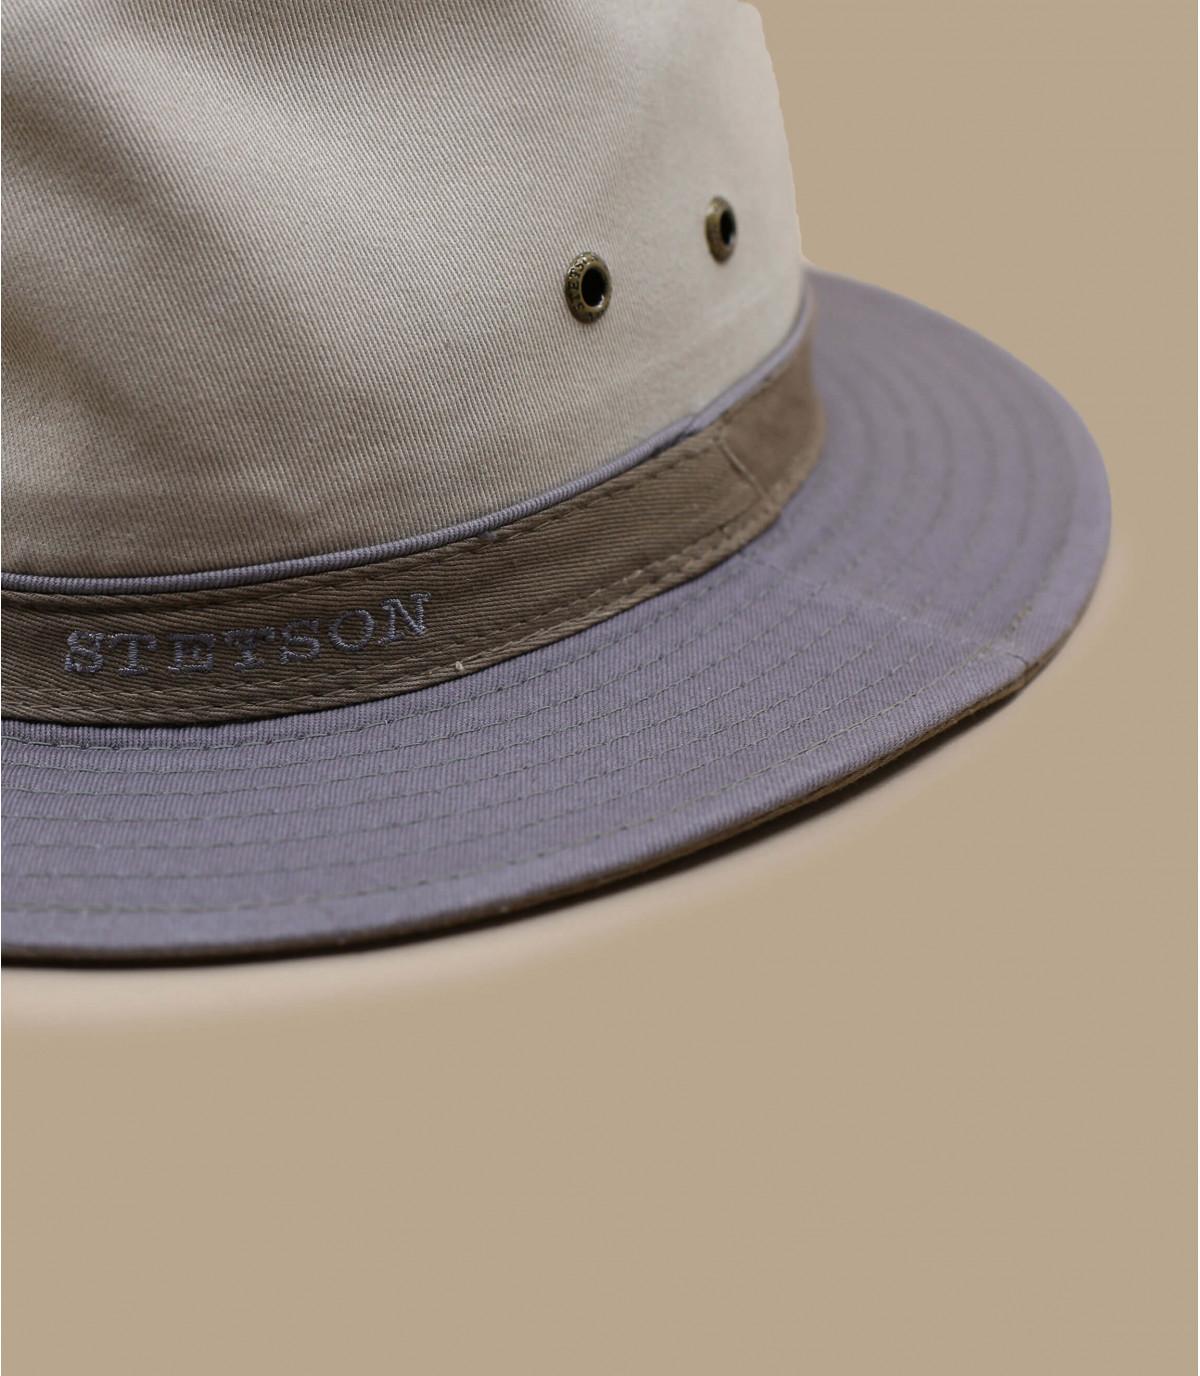 Detalles Traveller Cotton brown beige imagen 2